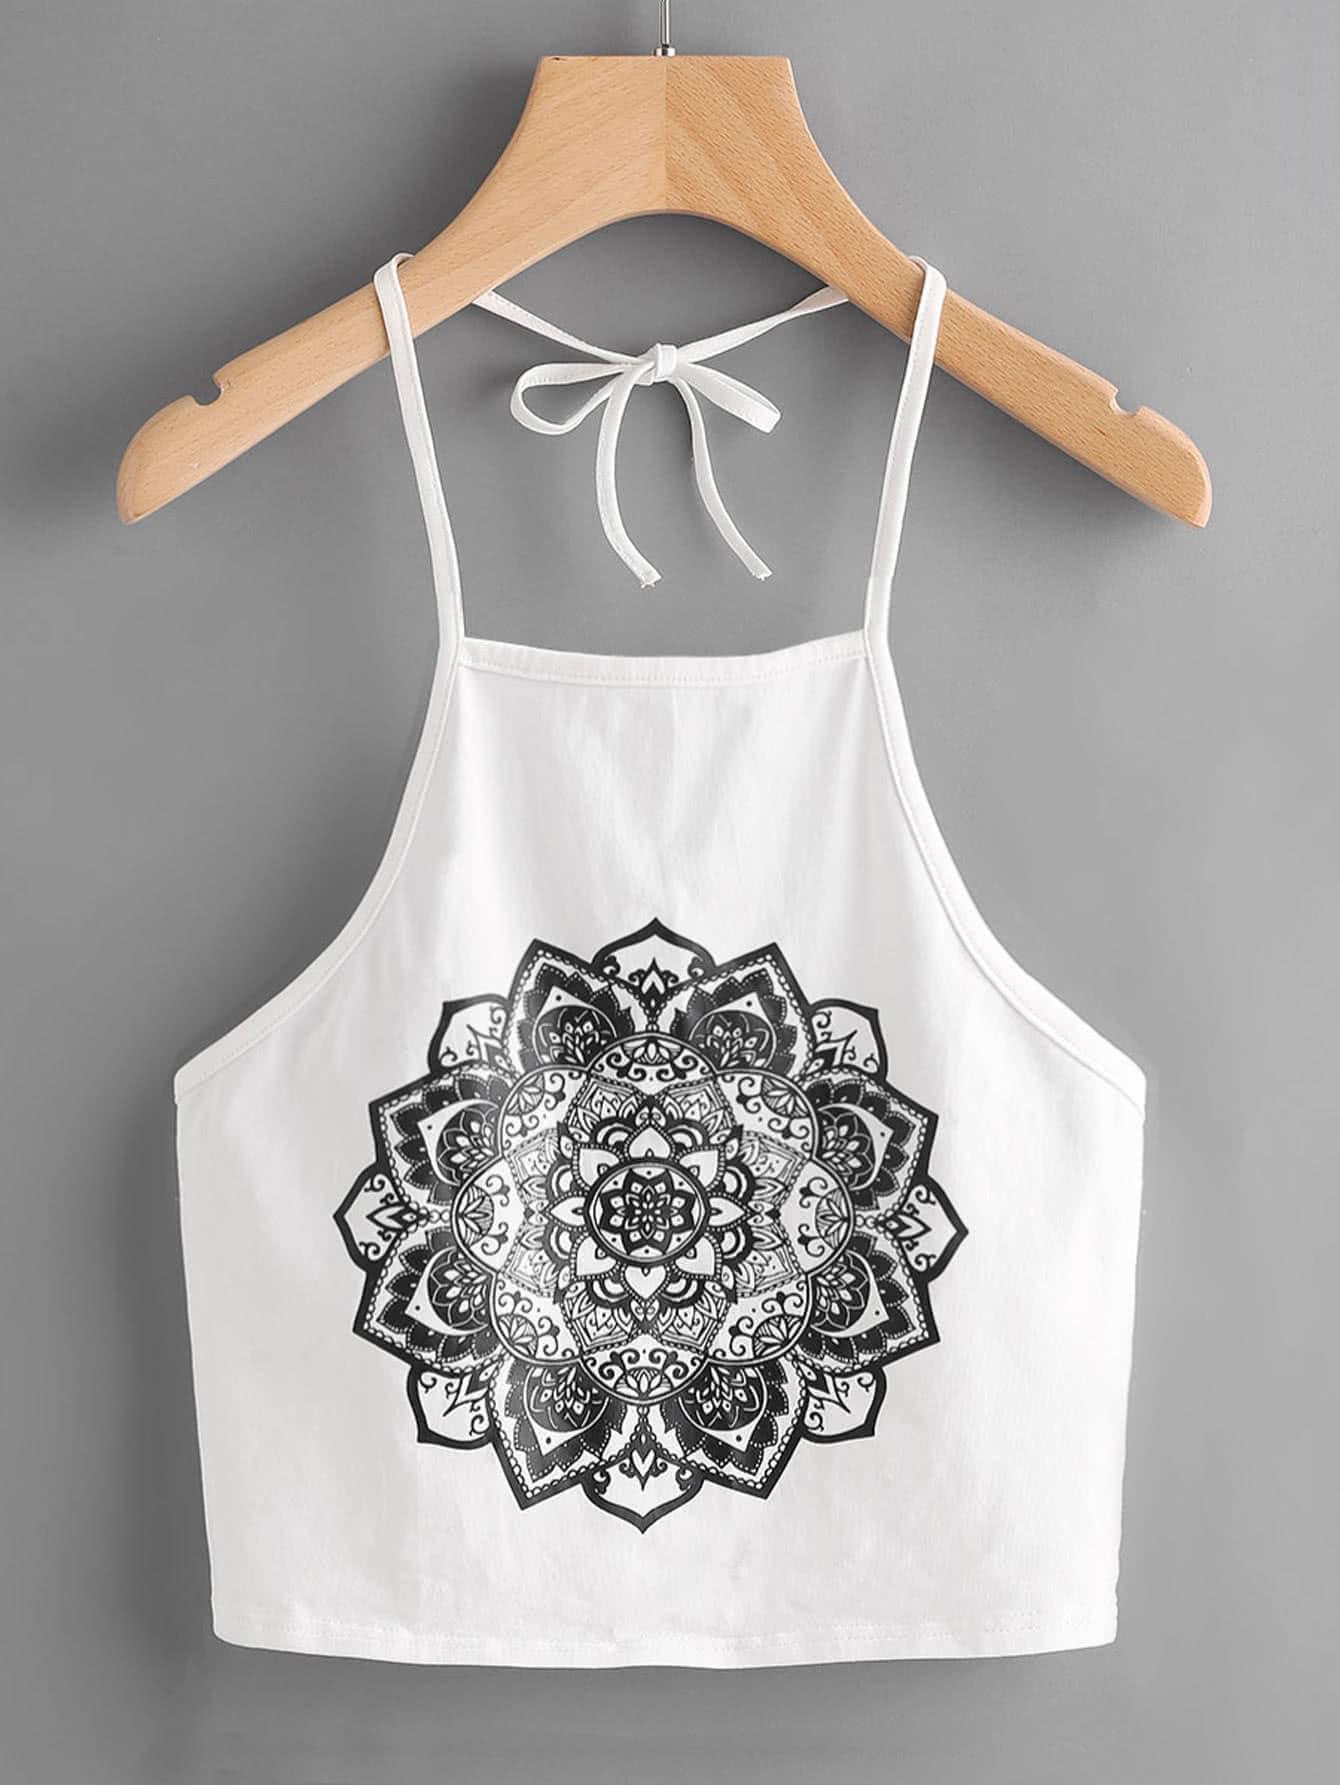 Mandala Print Self Tie Halter Top